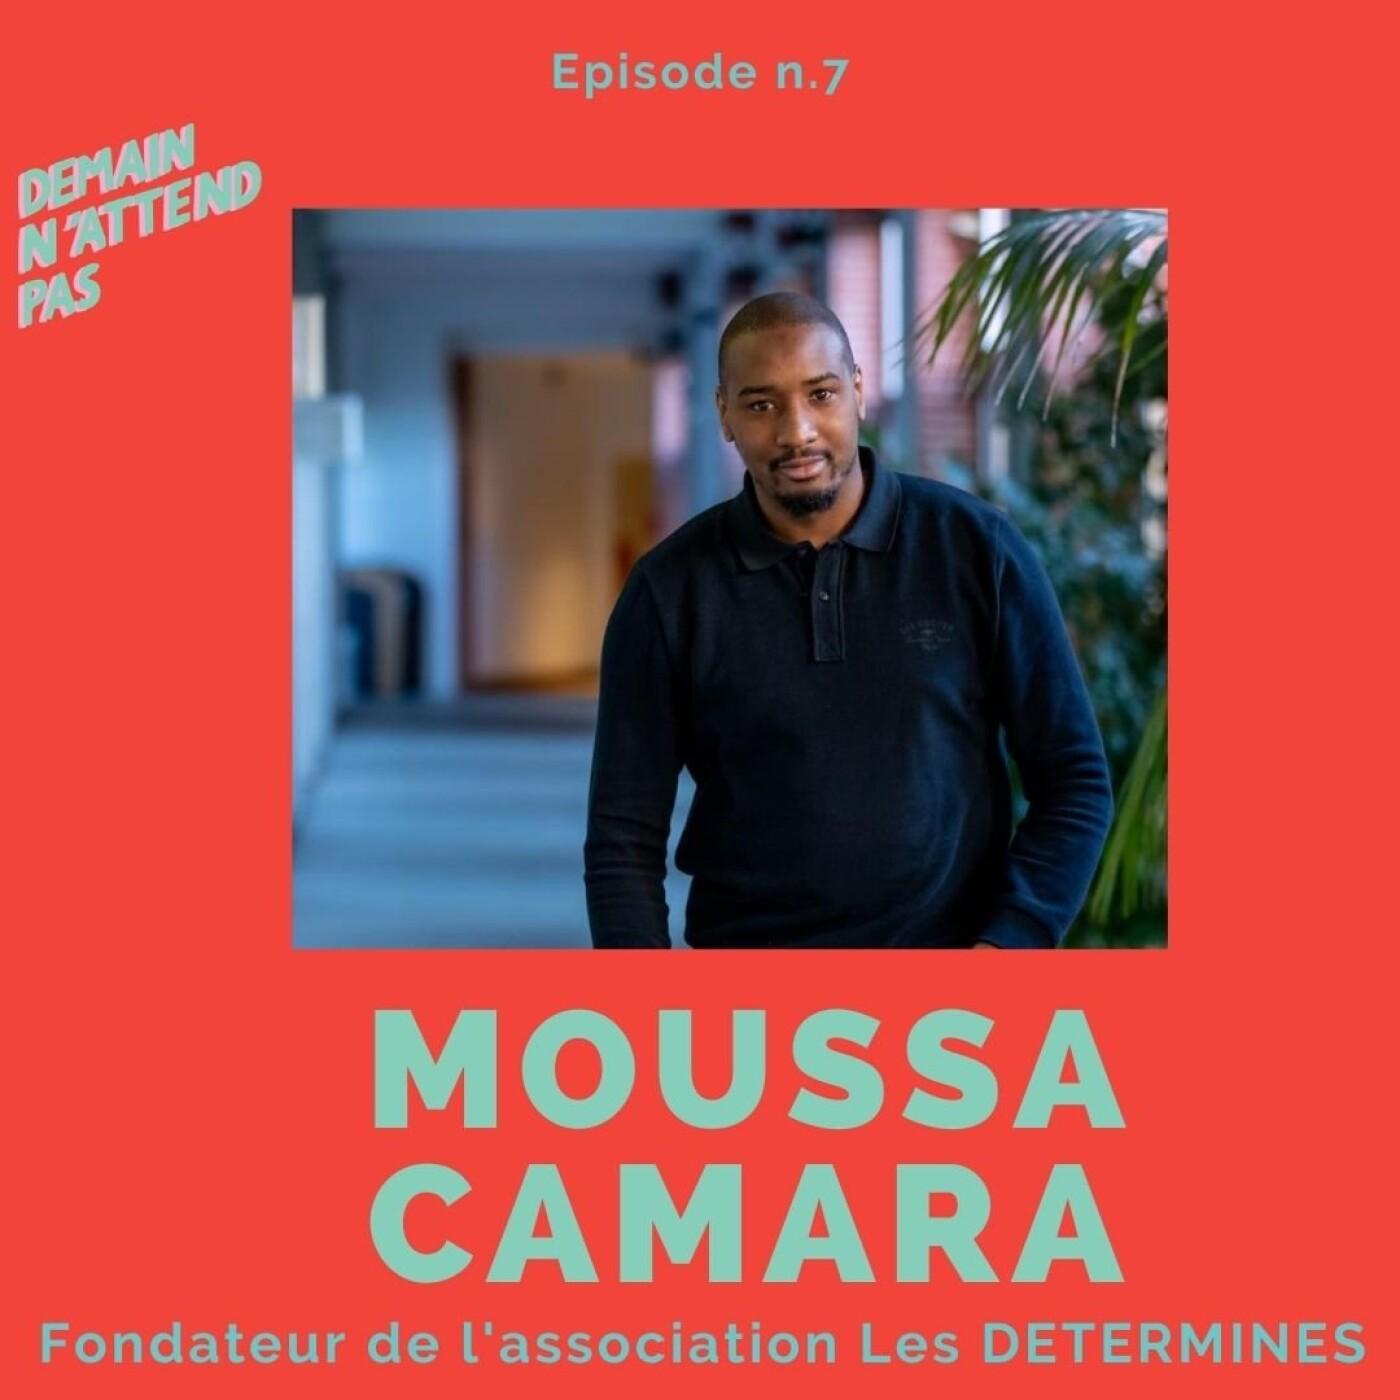 7- Moussa Camara, fondateur des Déterminés, association pour favoriser l'entreprenariat dans les quartiers